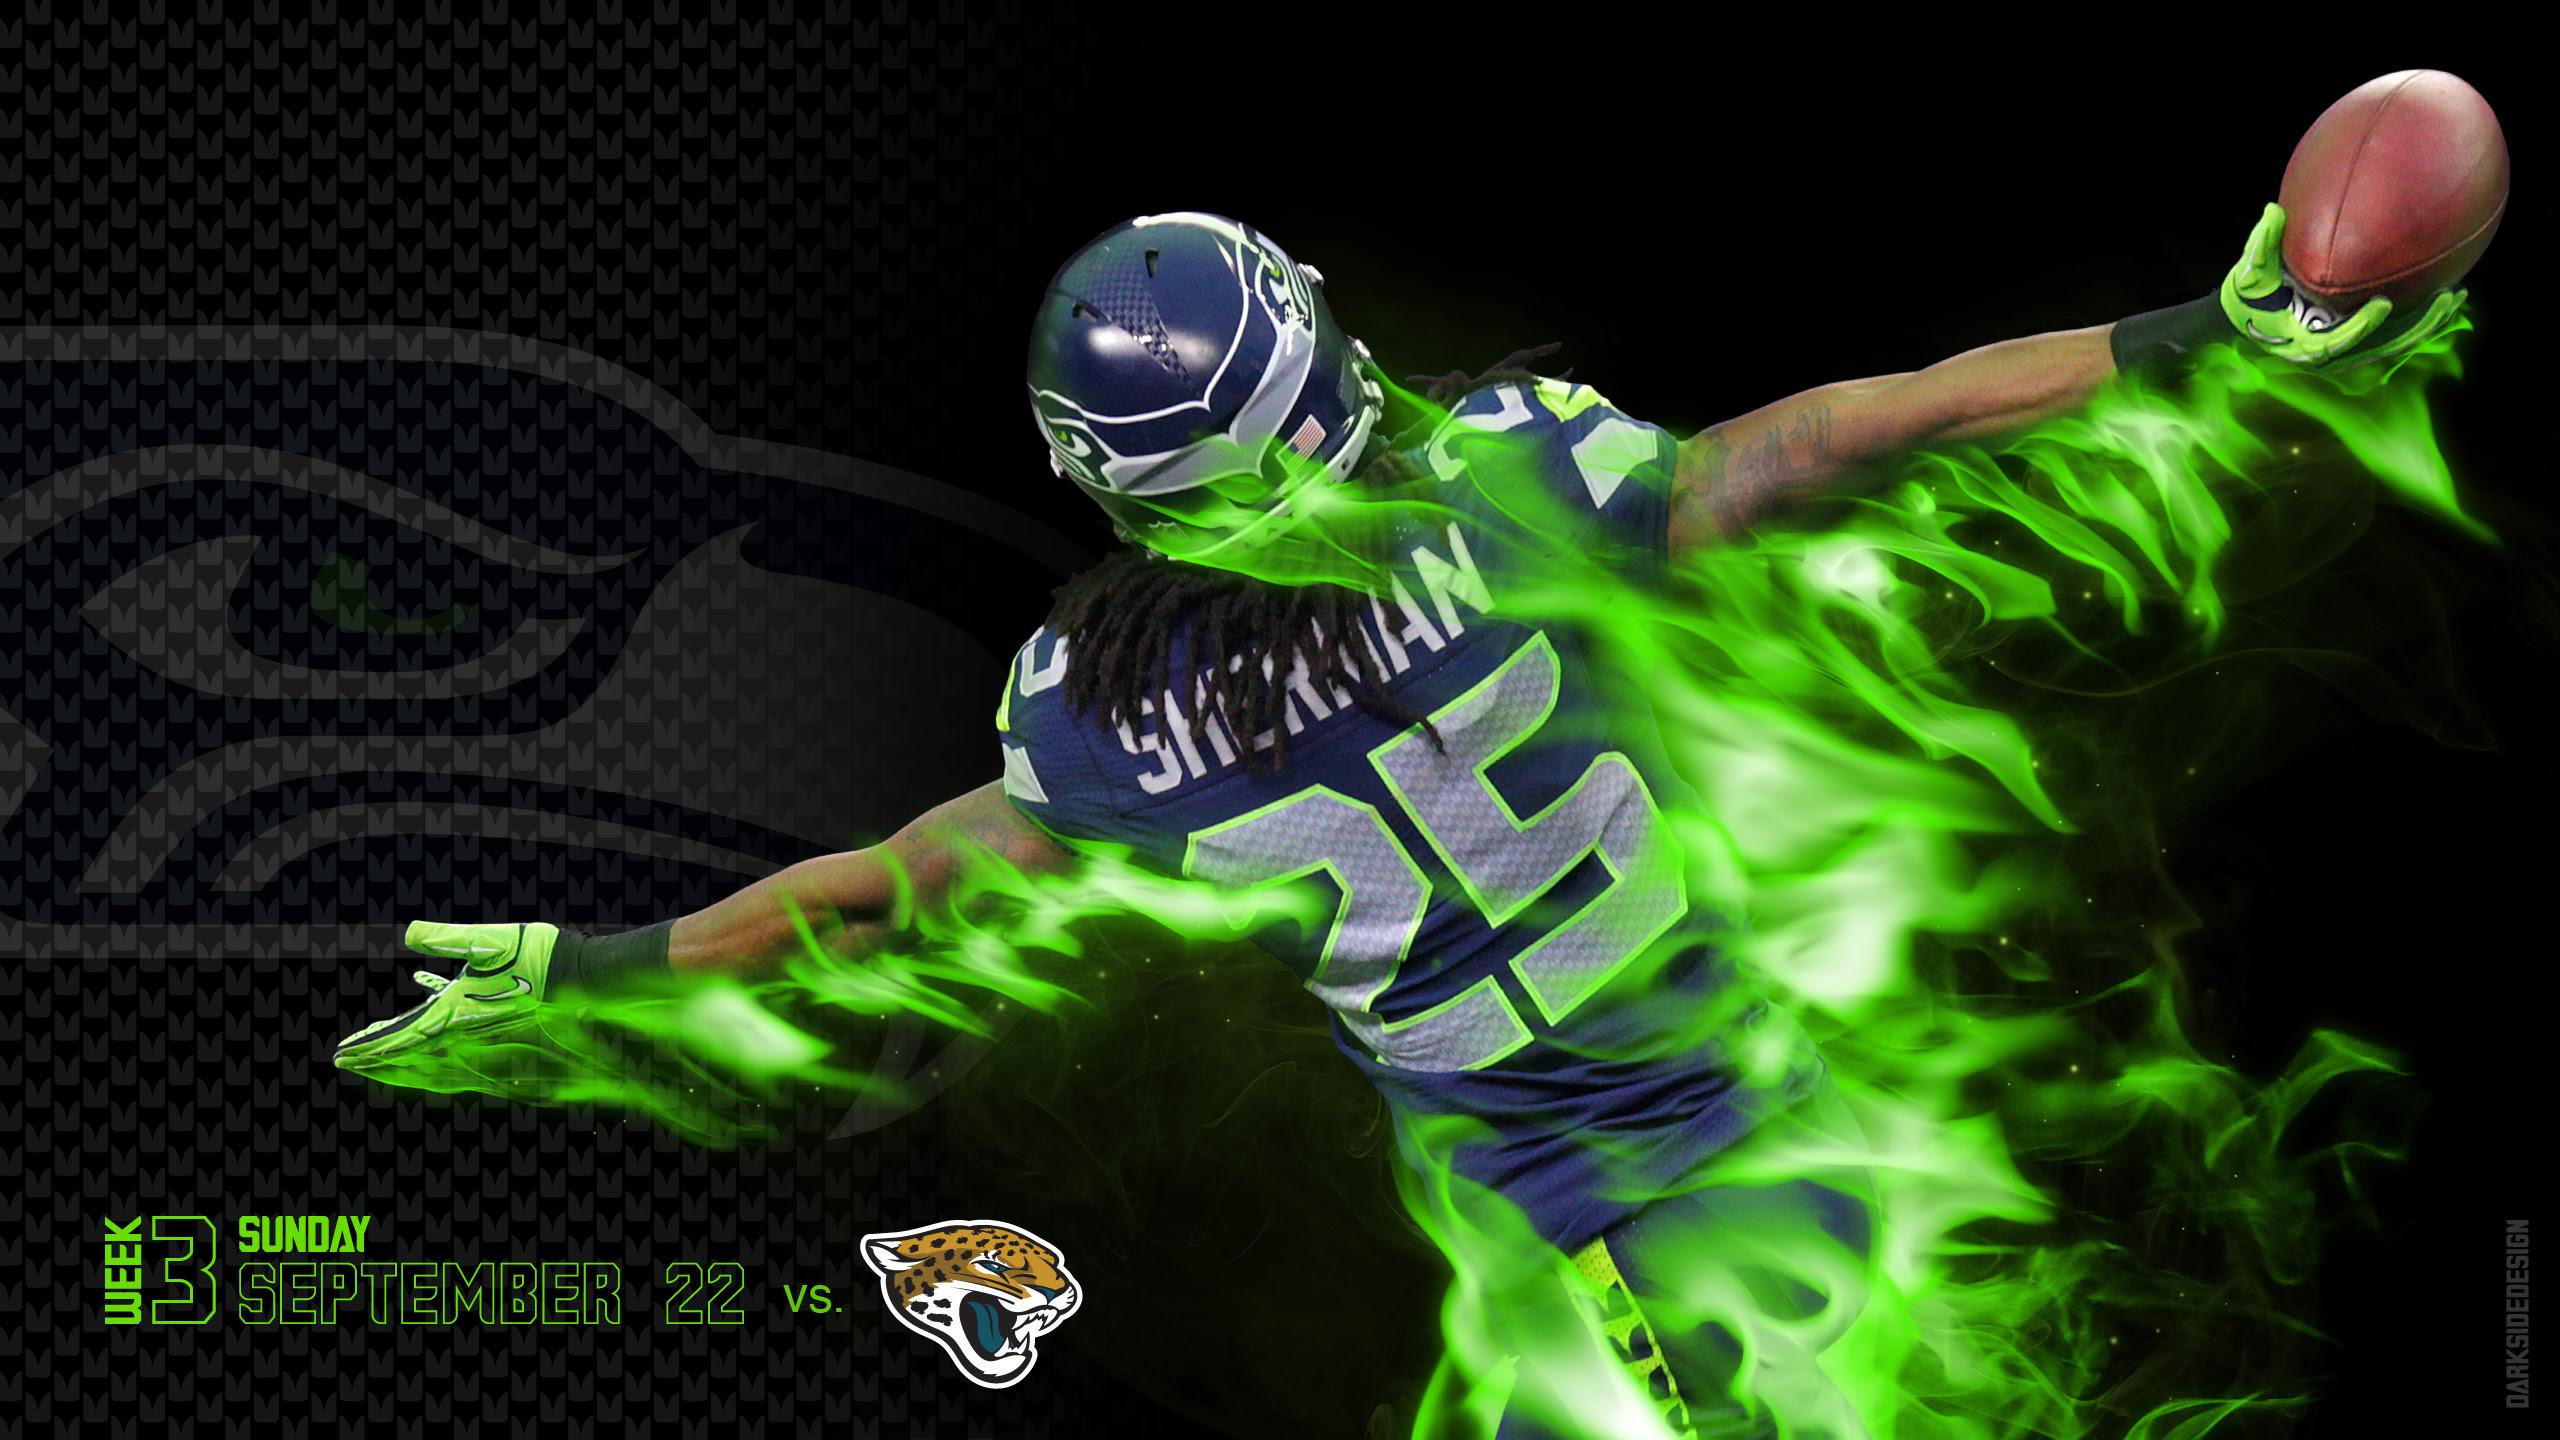 Cool NFL Players Wallpapers - WallpaperSafari